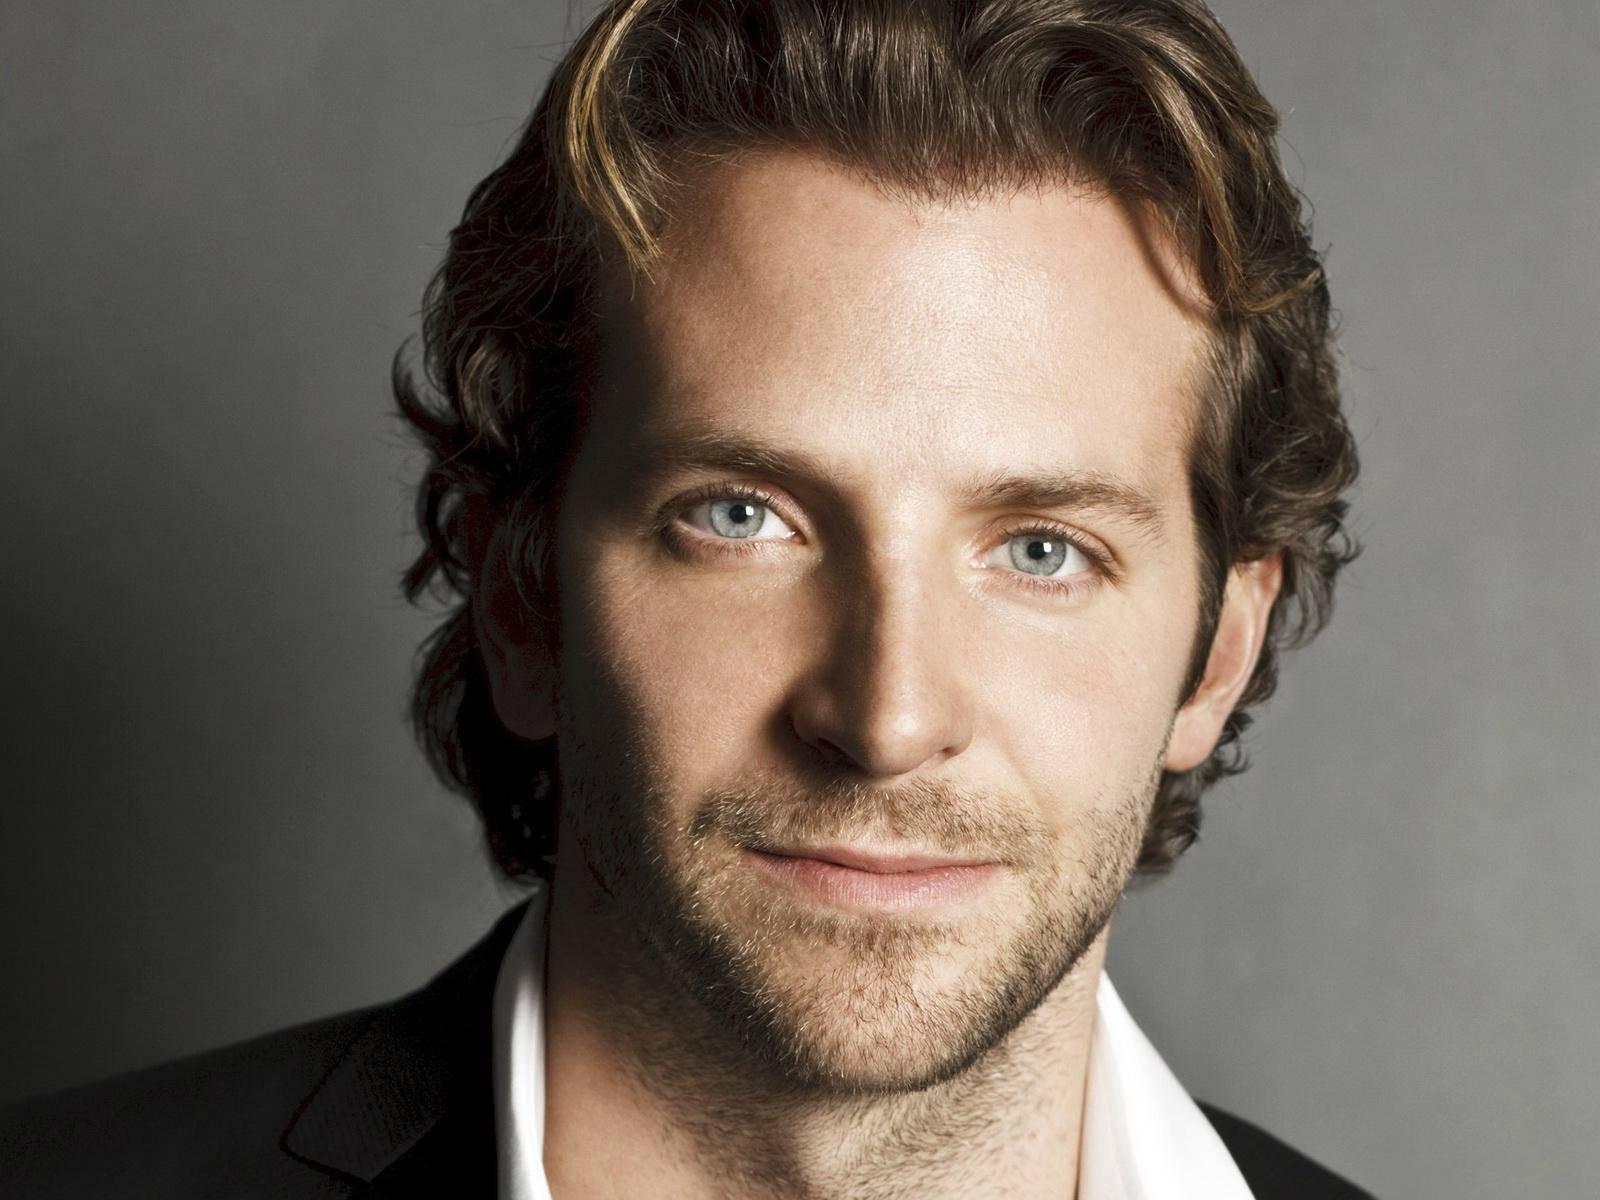 Bradley Cooper je med snemanjem filma Silver Linings Playbook (Za dežjem posije sonce, 2012) kupil več sto zimskih plaščev za brezdomce in našel čas, da jim jih je tudi osebno izročil.